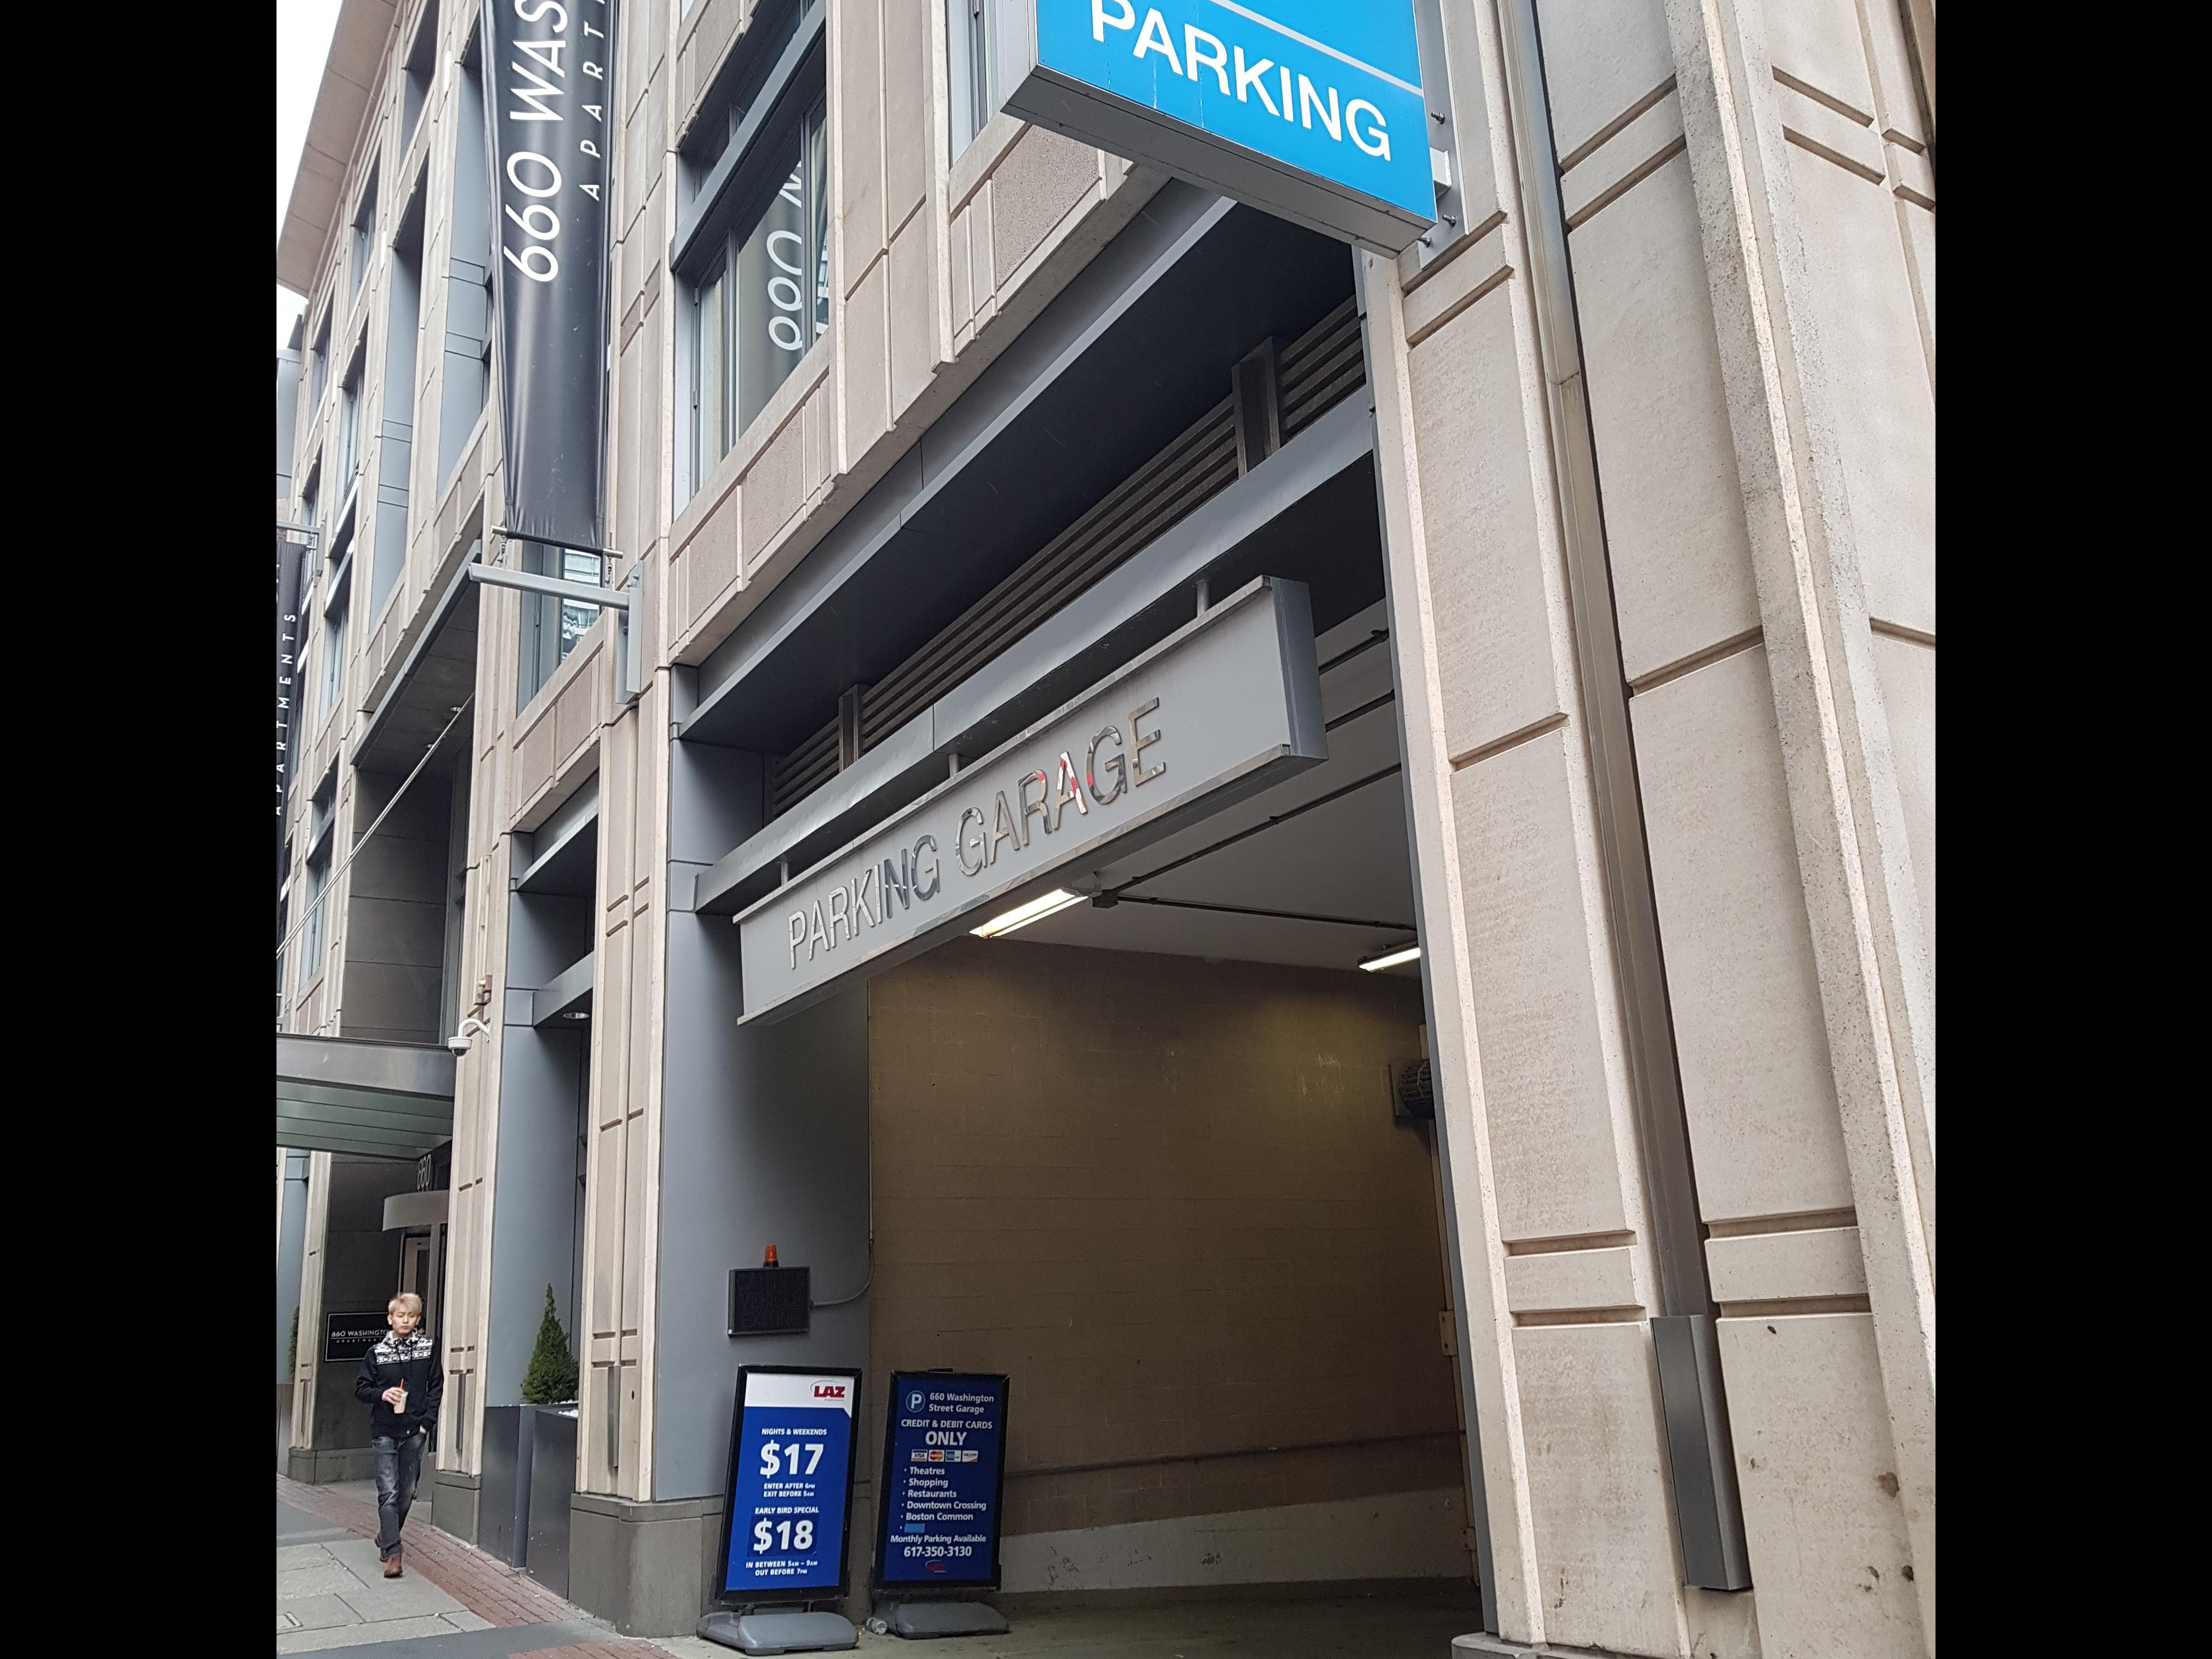 660 Washington Street Garage Parking